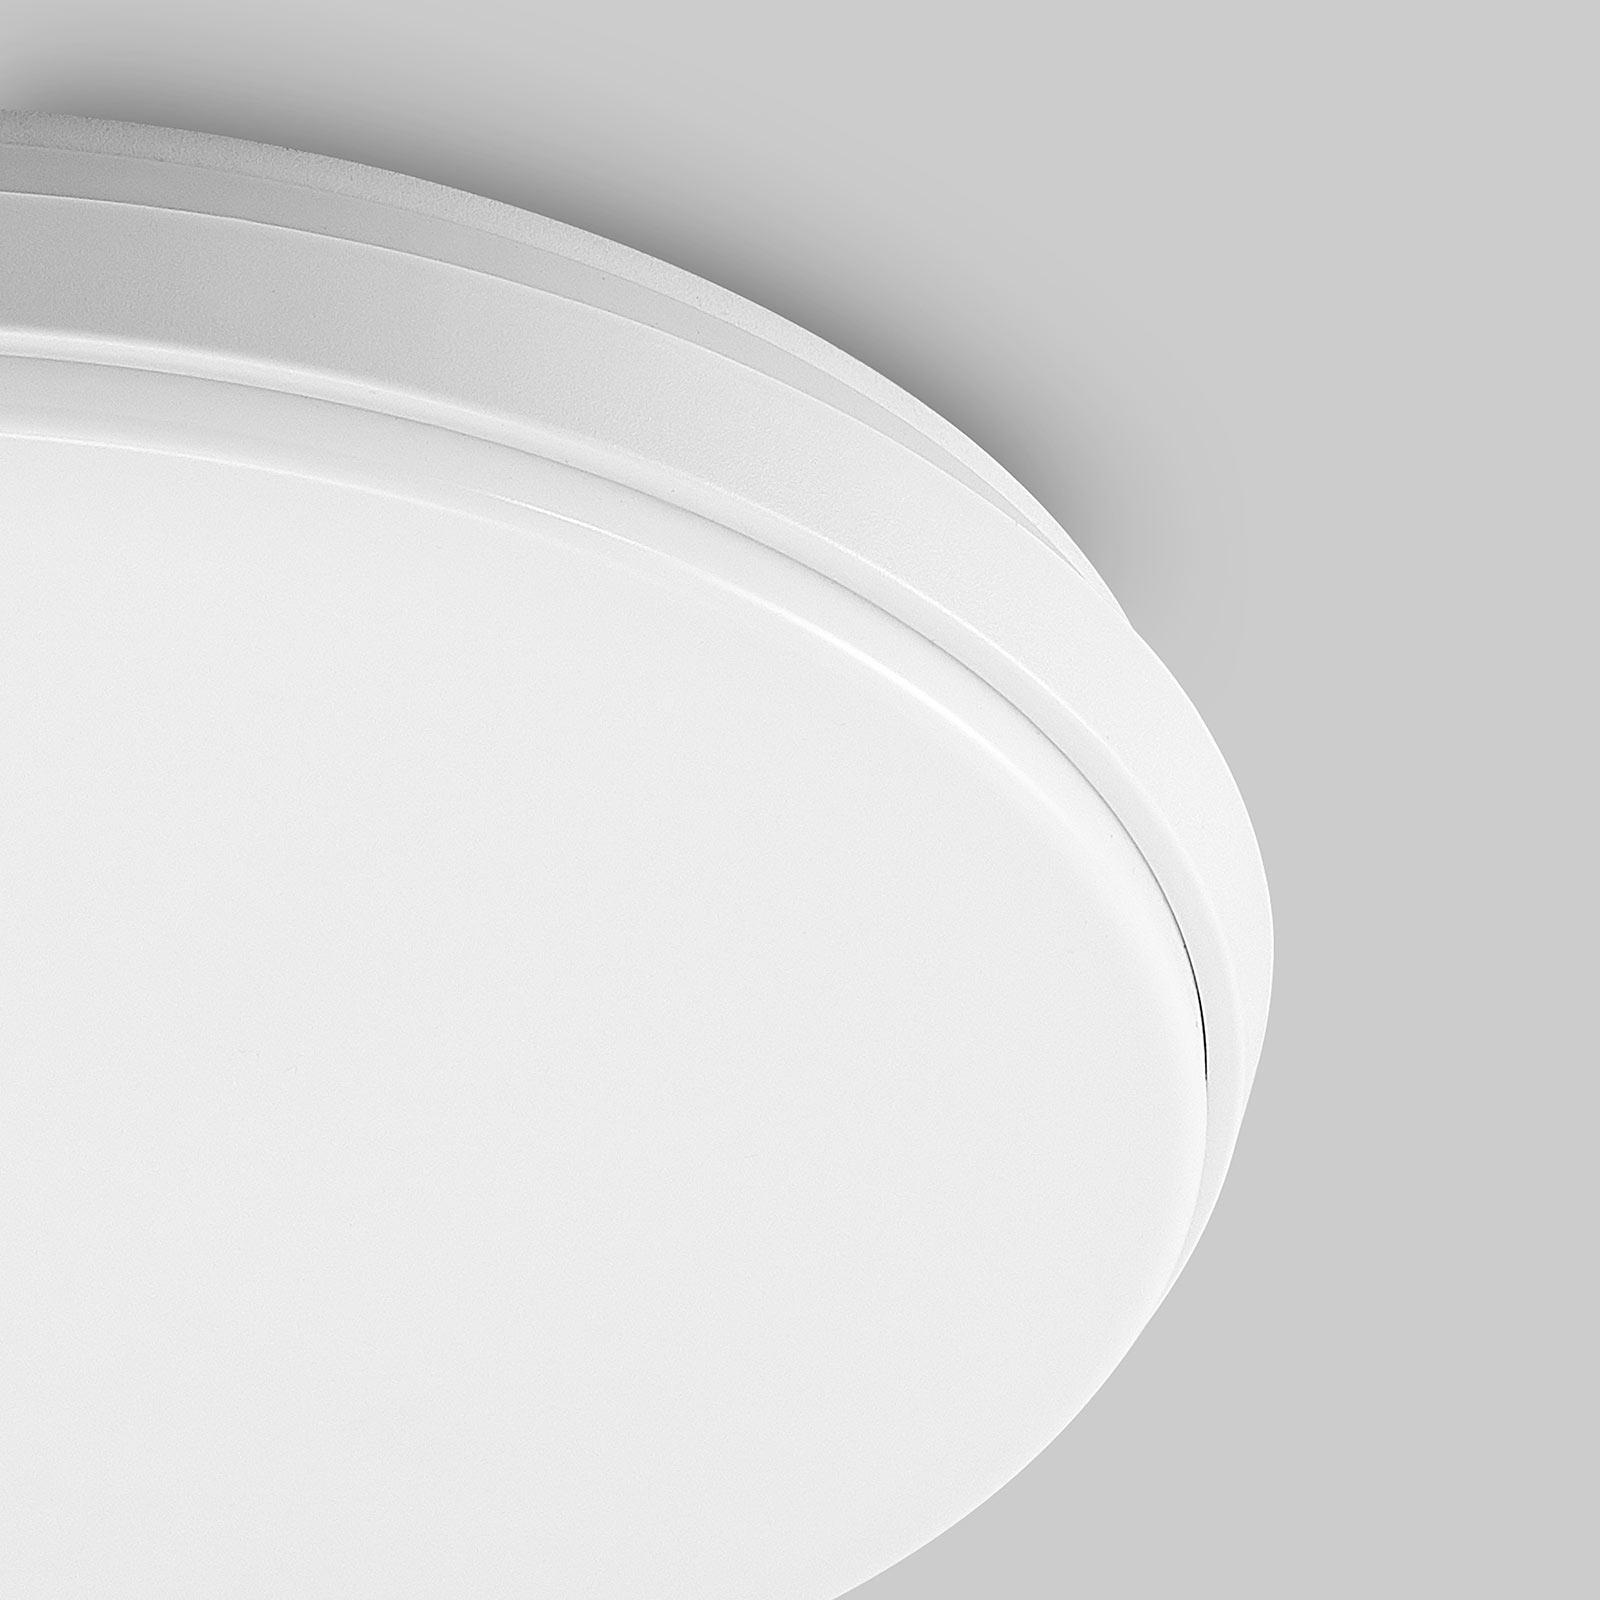 Arcchio Brady lampa sufitowa LED, biała, 40 cm